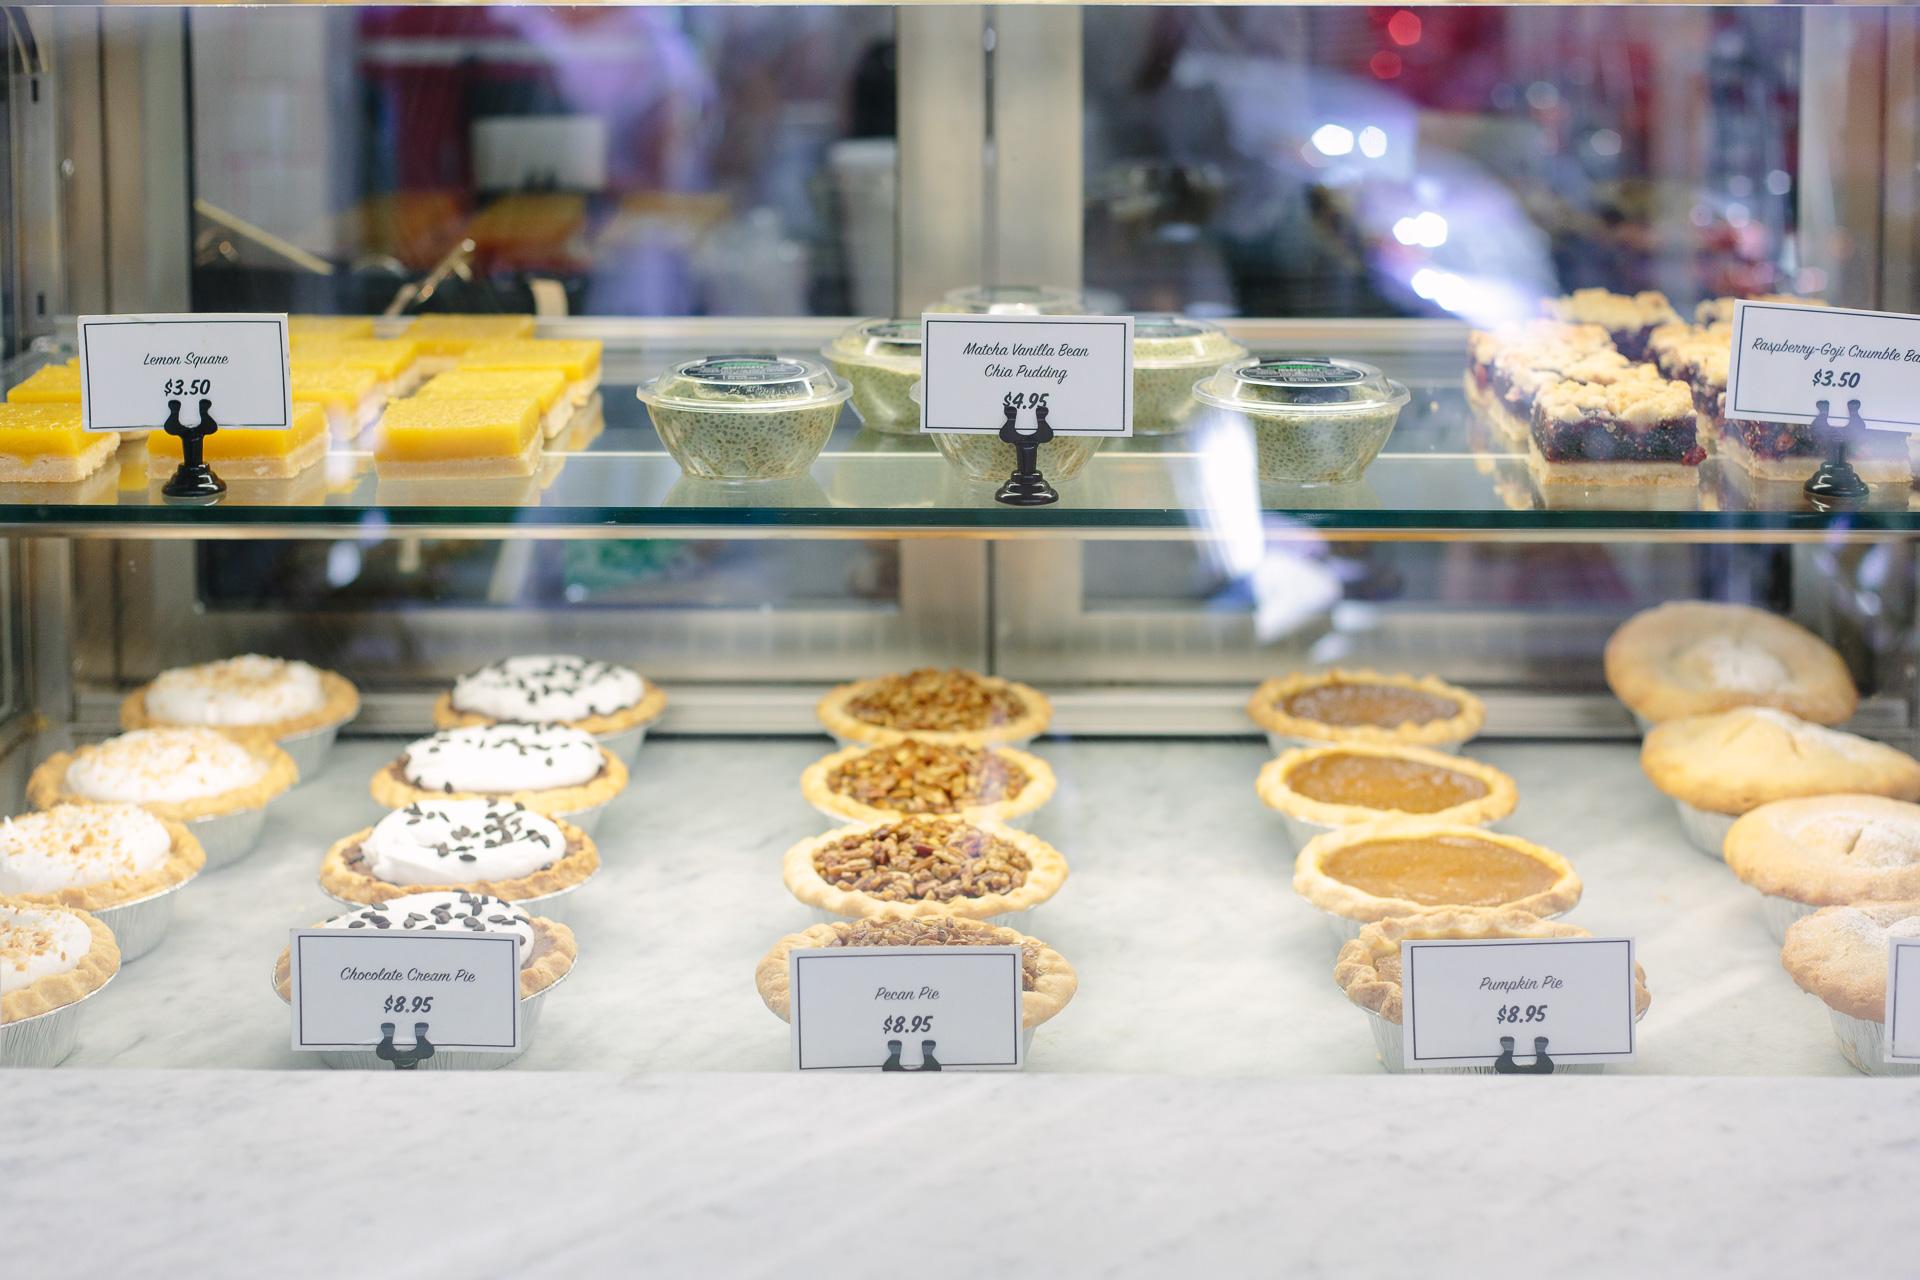 Sweets by Chloe vegan pastries West Village